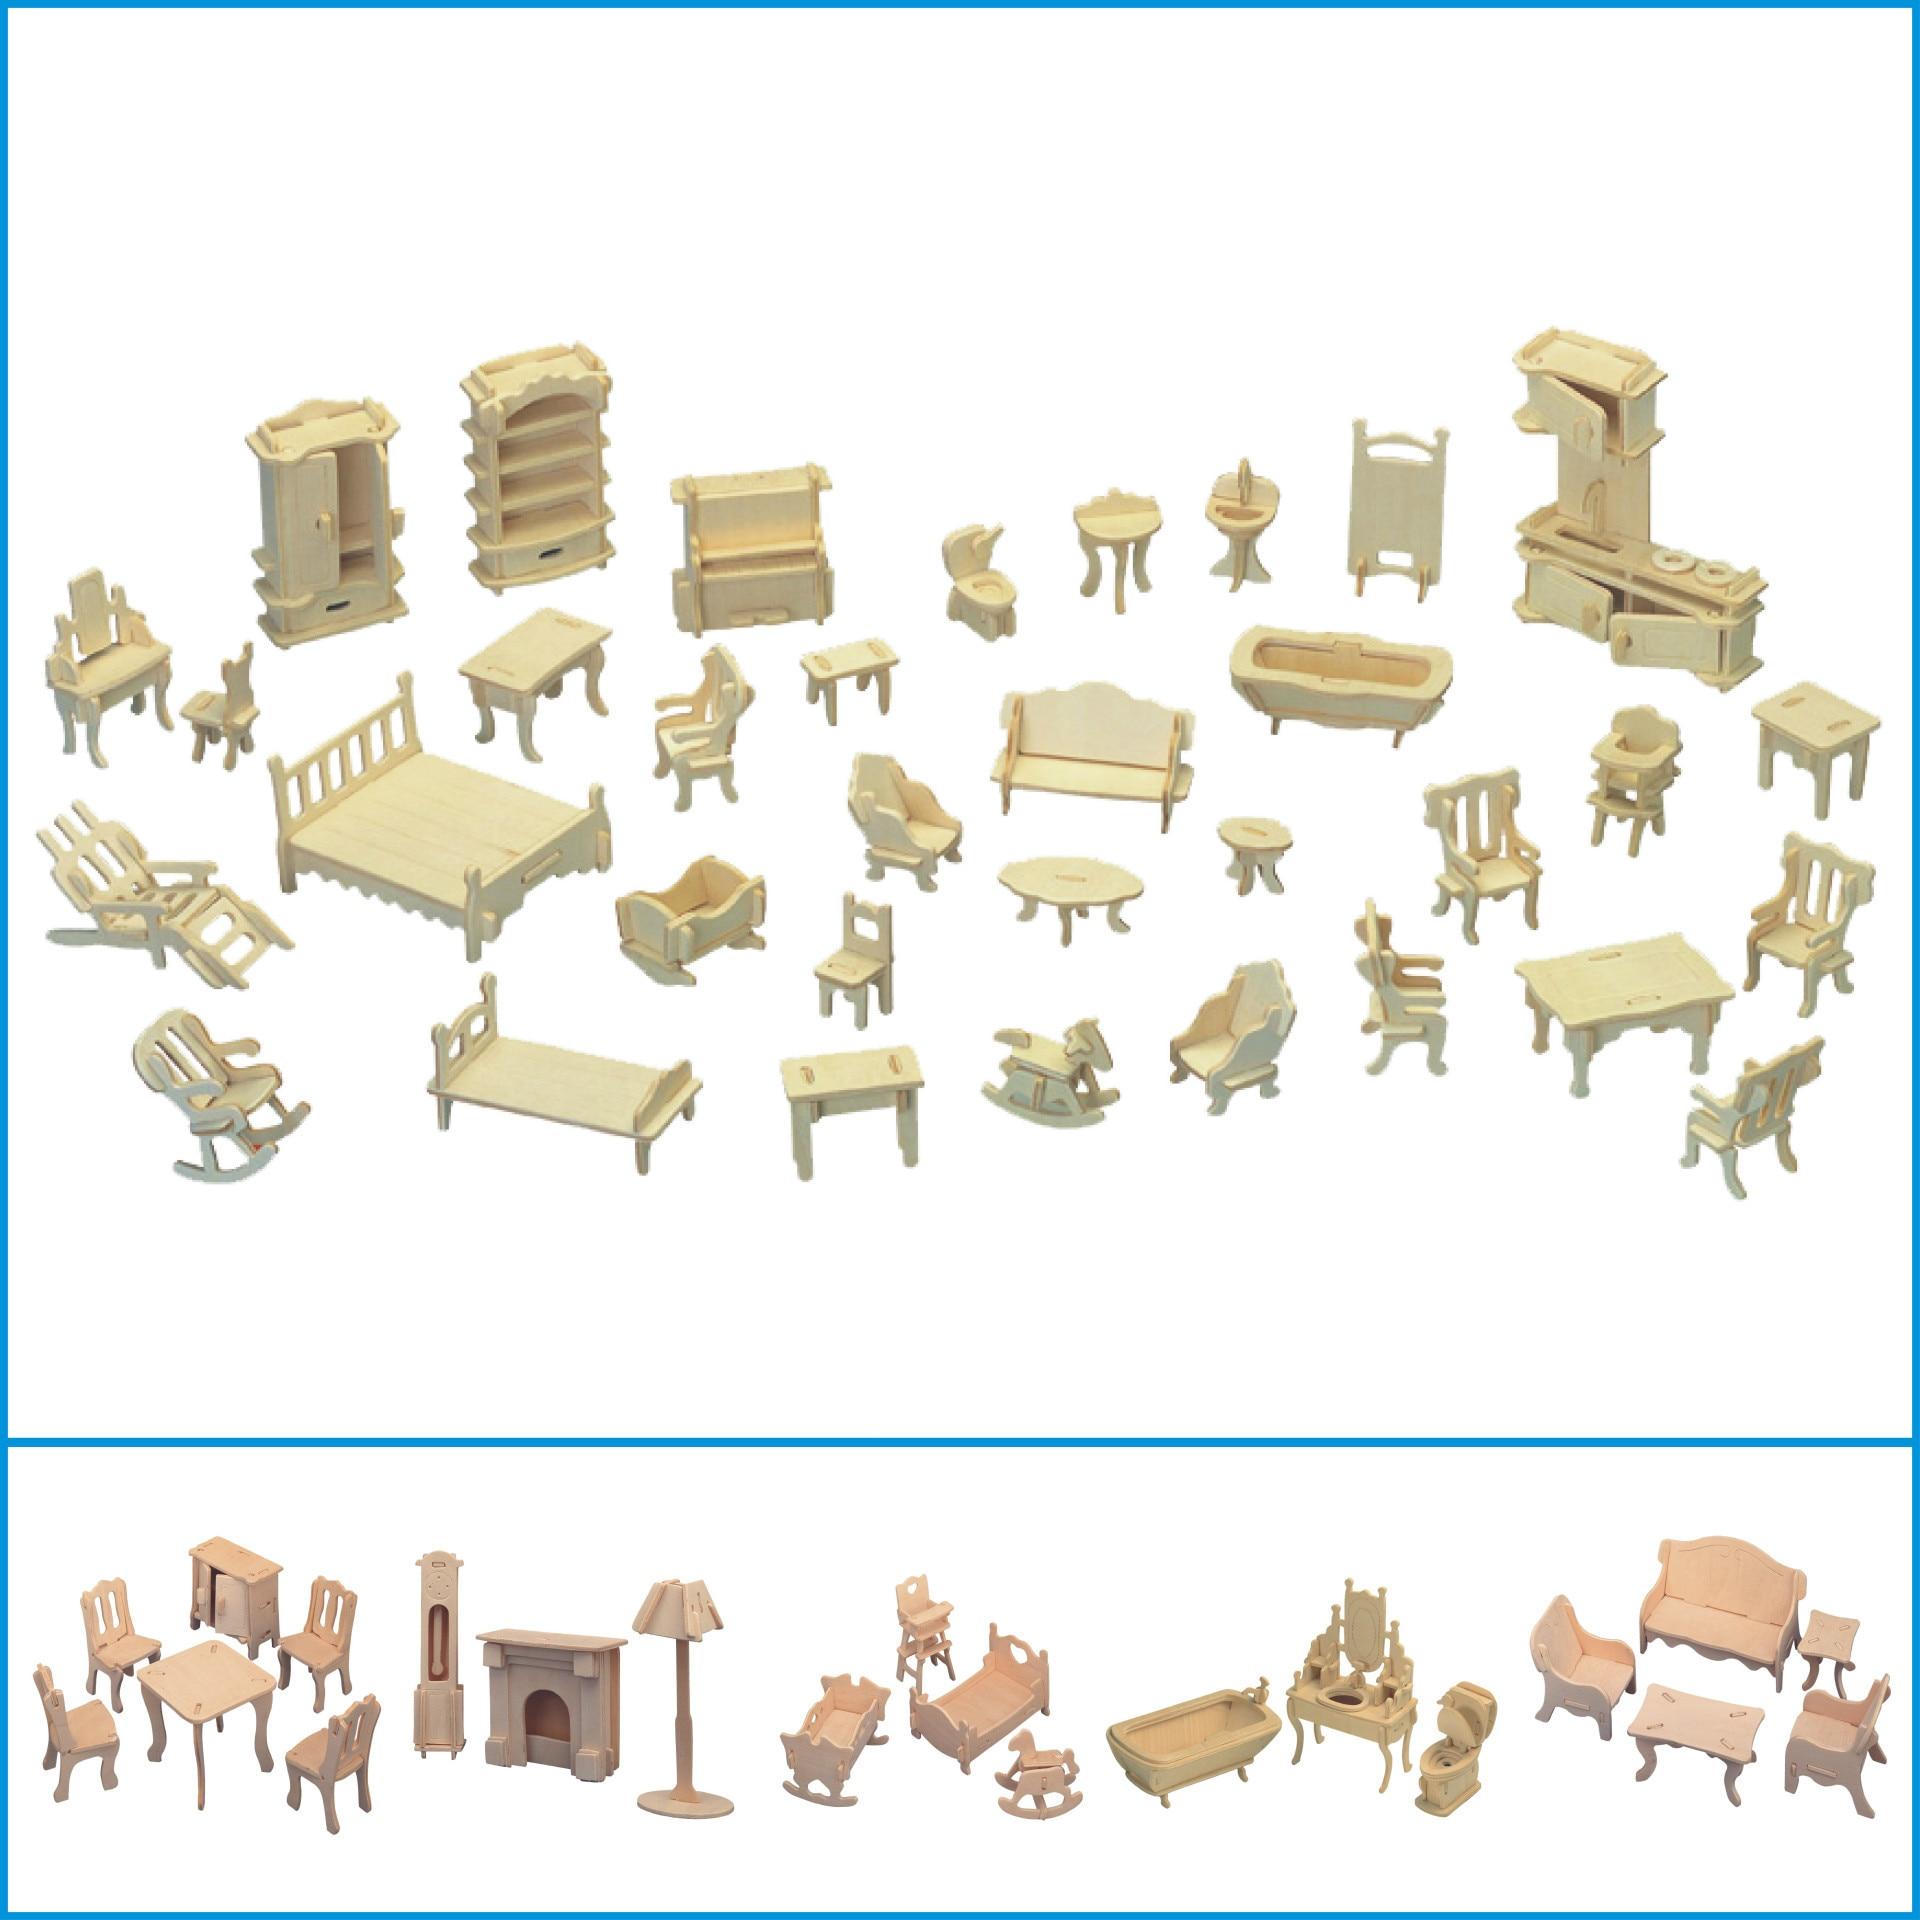 Corte a laser mini 3d quebra-cabeça de madeira, diy, modelo de construção, brinquedos em miniatura 1:12, casa de bonecas, móveis para bonecas, presente para crianças